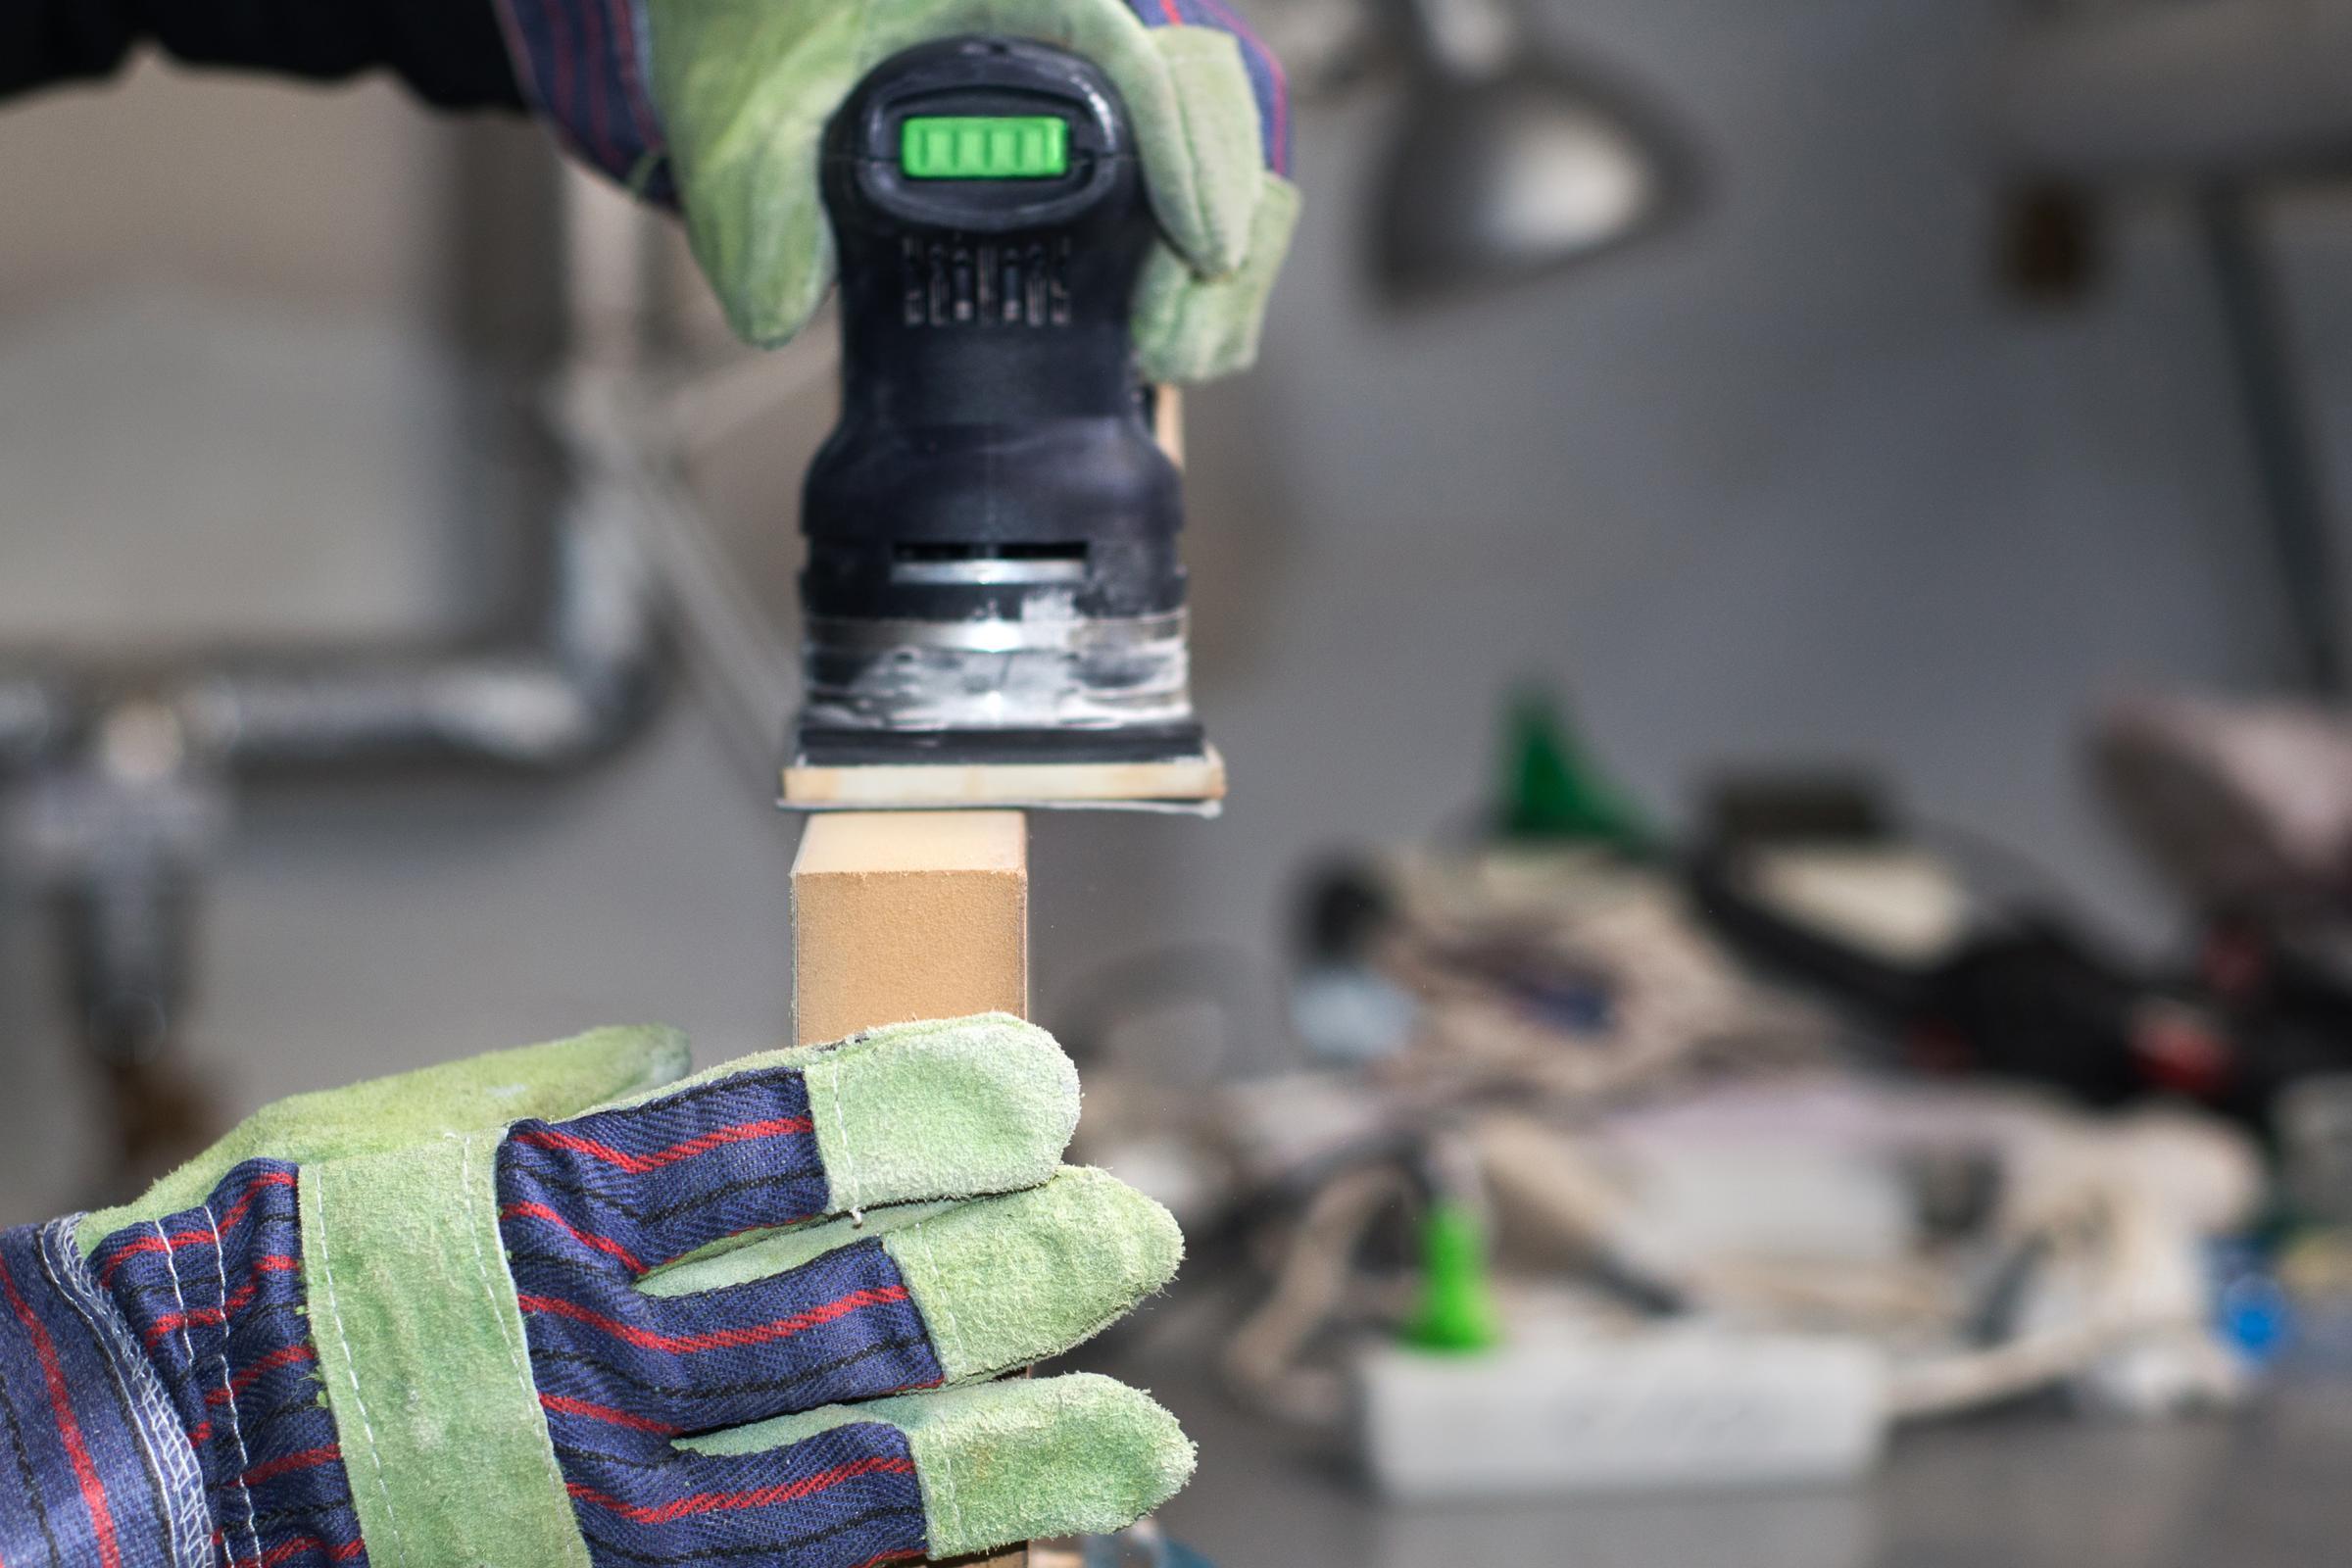 Nahaufnahme in einer Holzwerkstatt: Zwei Hände in Arbeitshandschuhen halten eine Schleifmaschine und bearbeiten damit ein Stück Holz